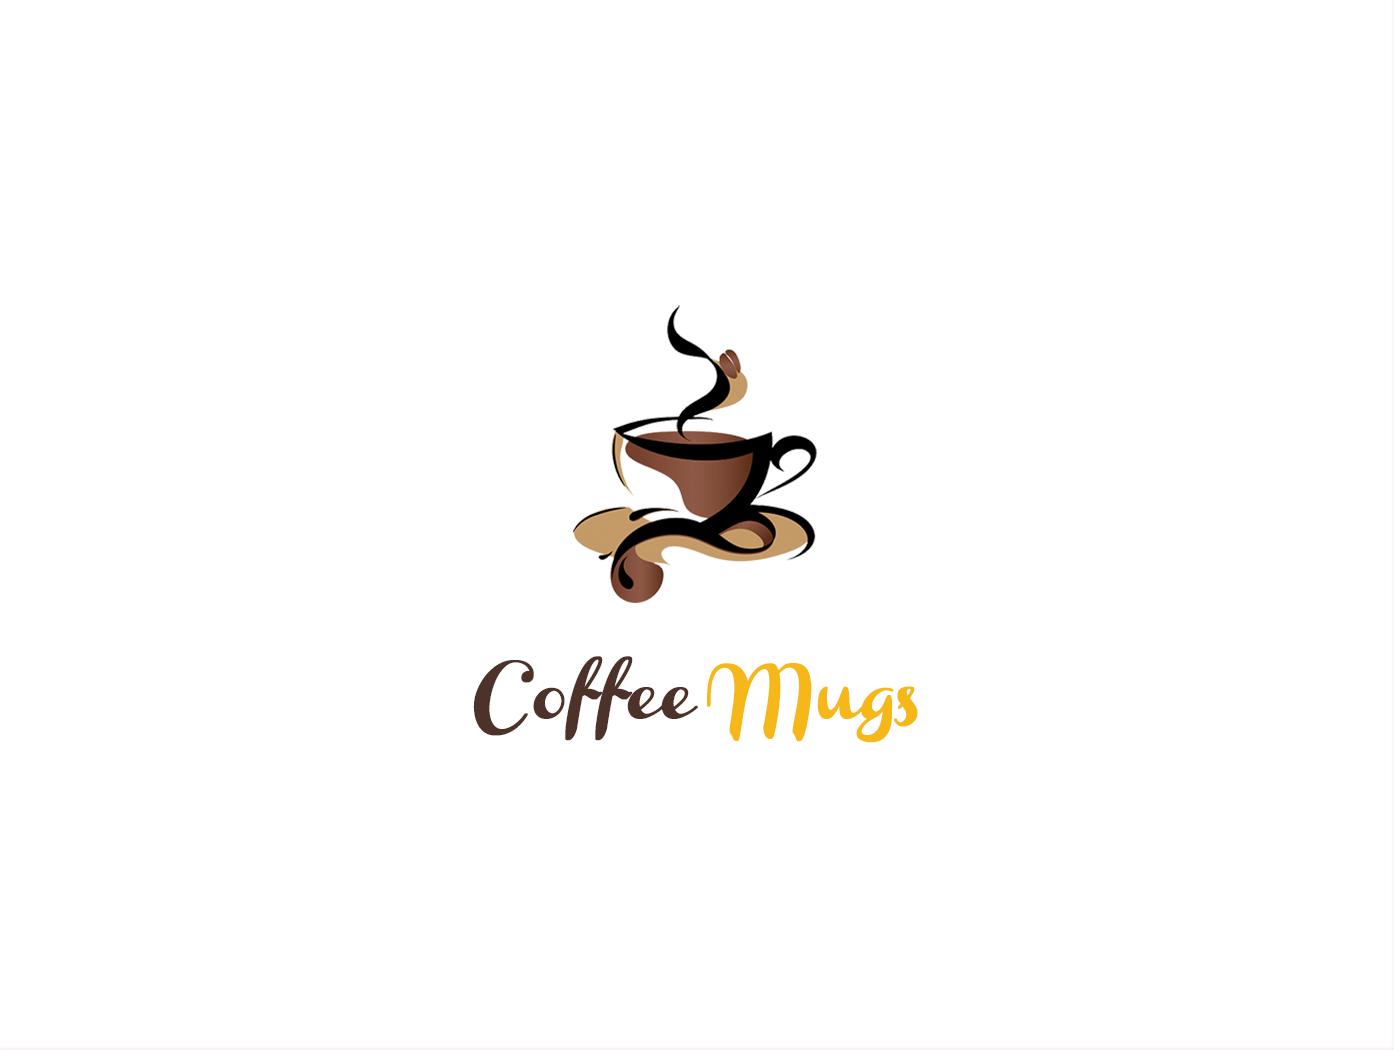 Coffee Mug Logo Design Inspiration